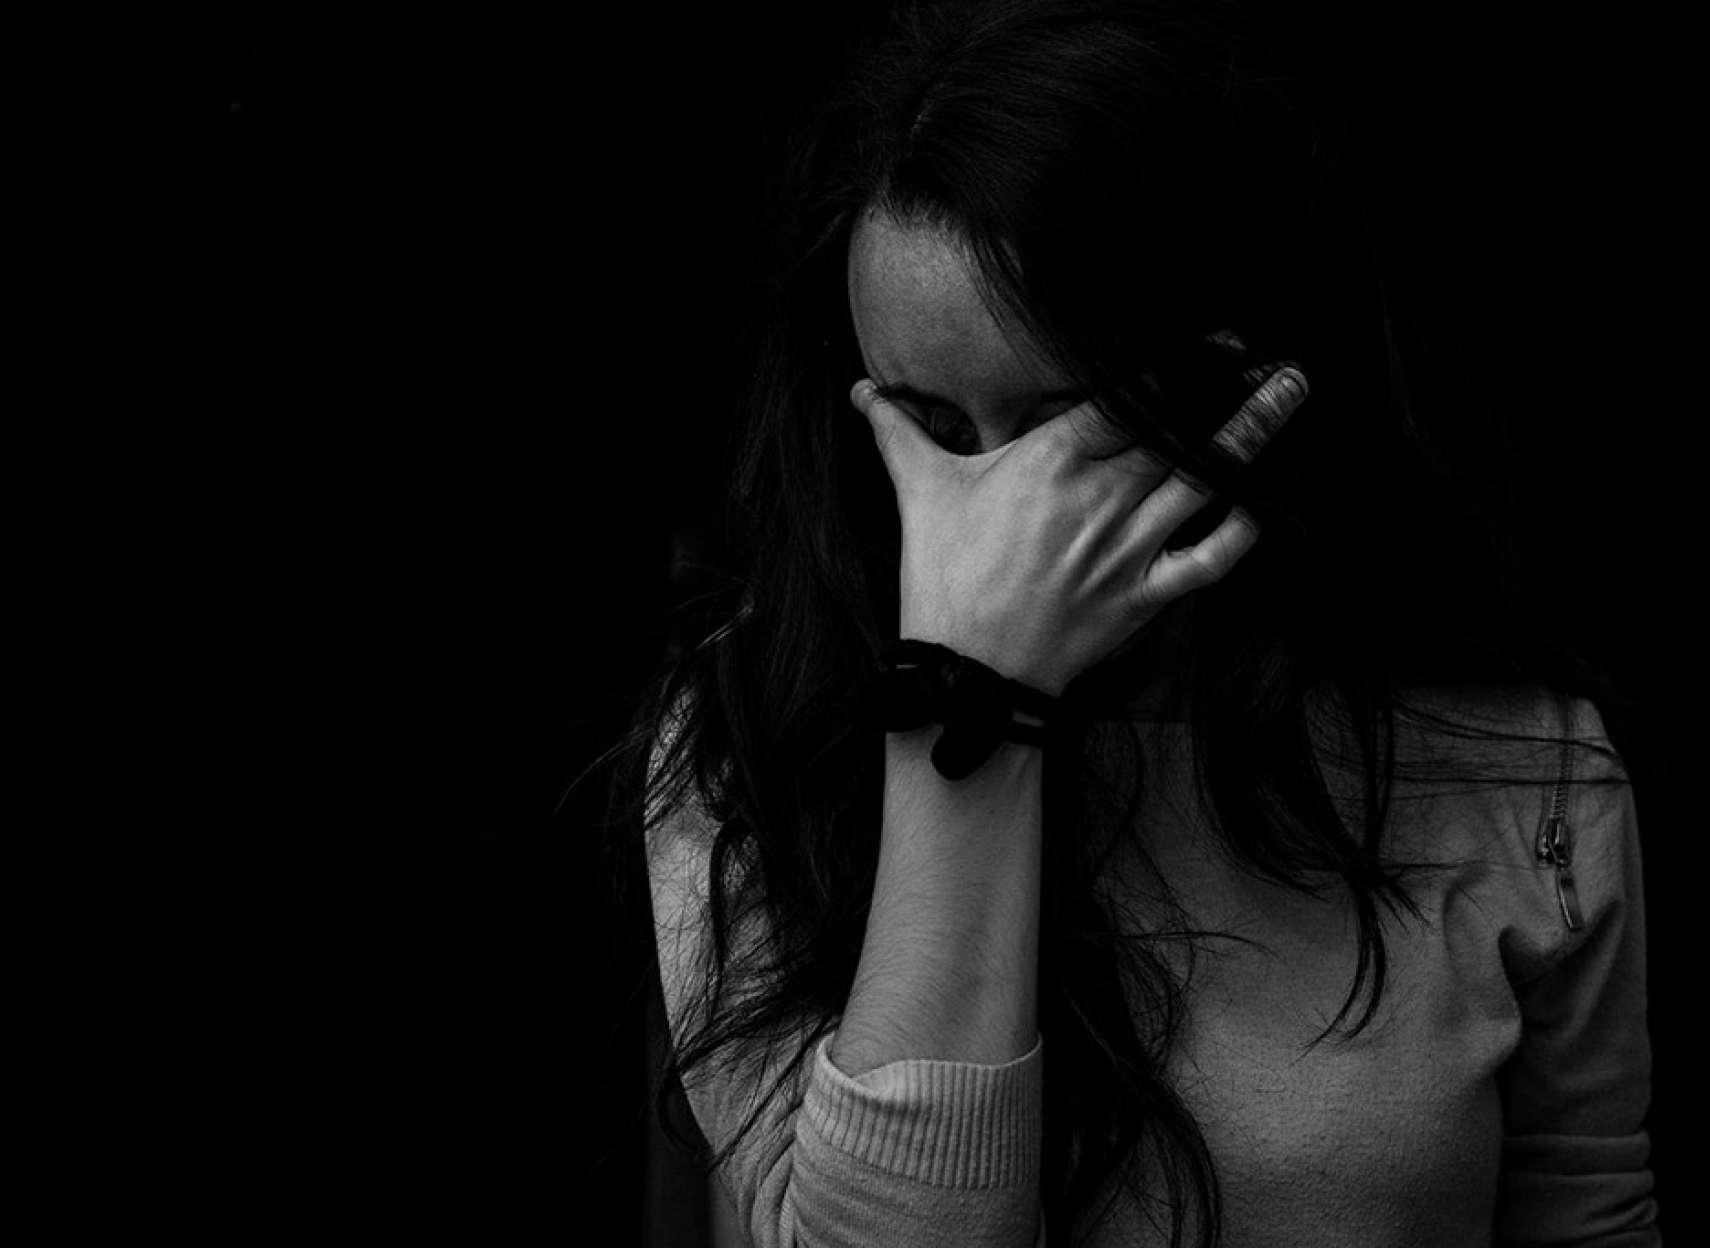 روانشناسی-داعی-نگرانی-و-وسواس